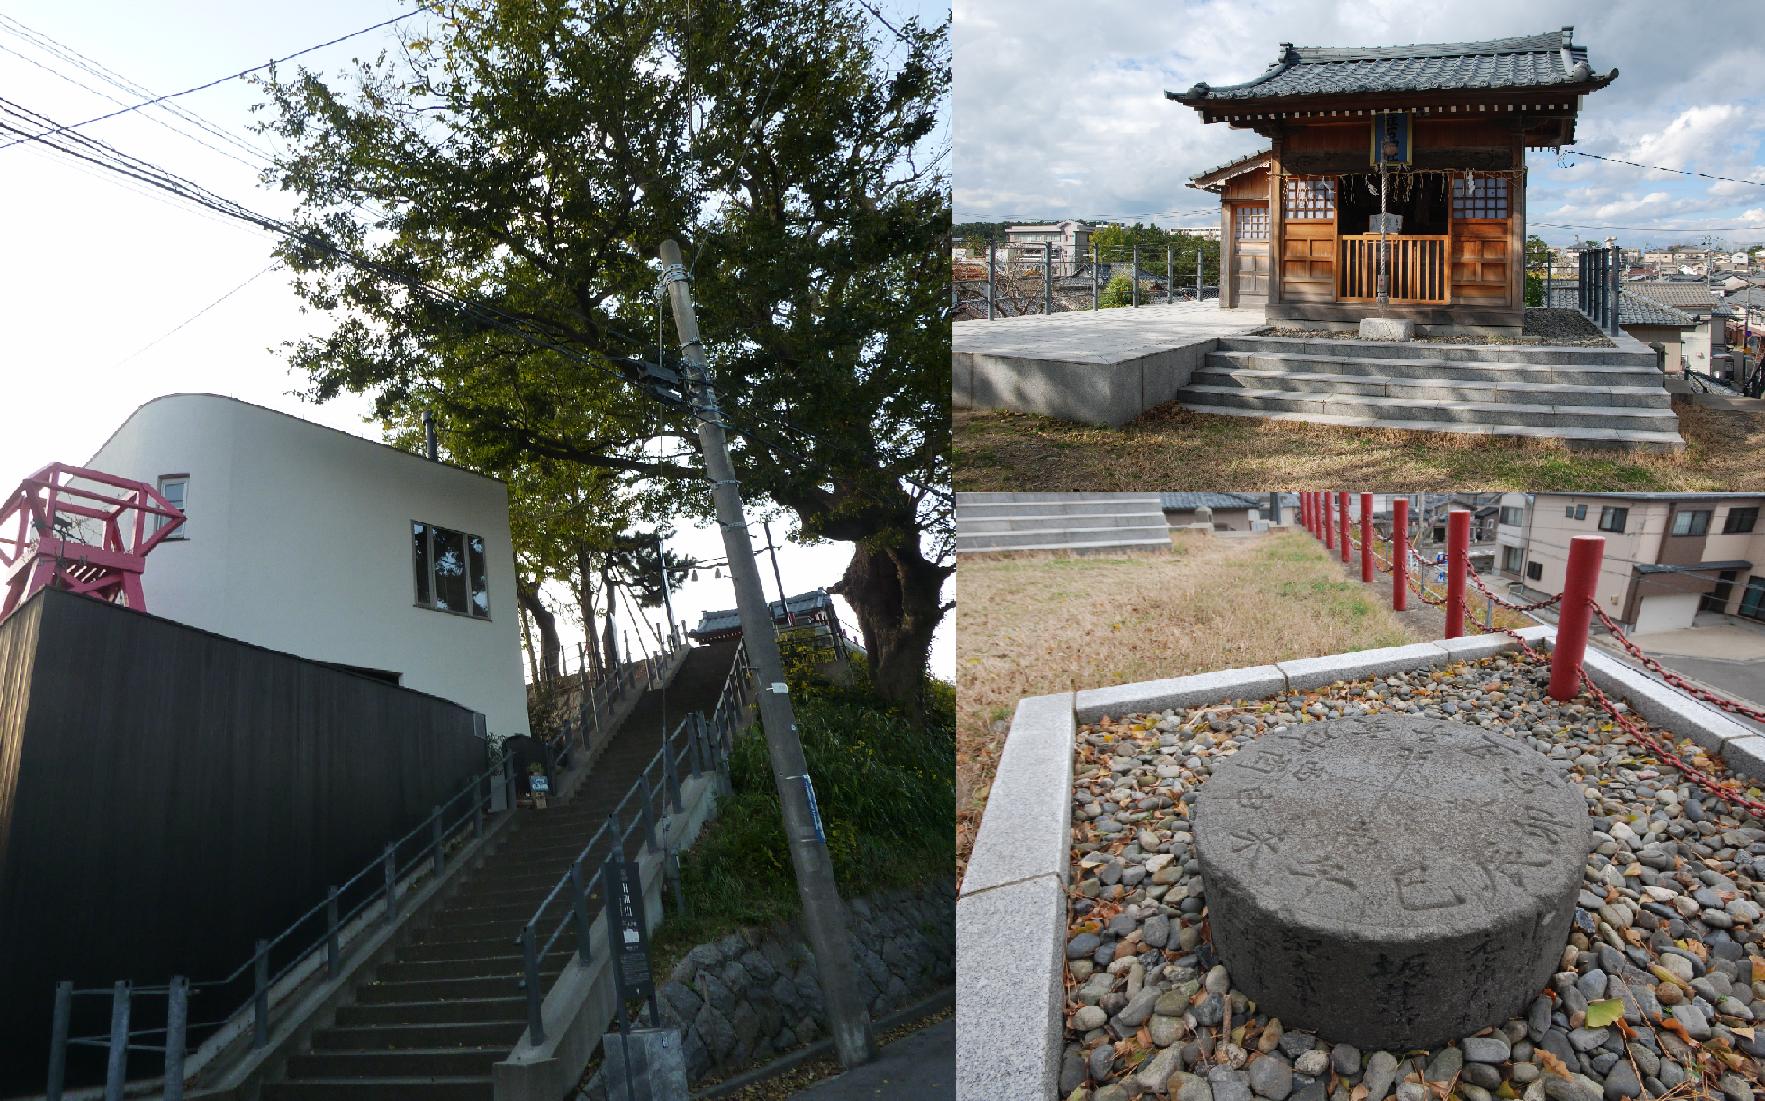 尾道と新潟、まちを面白くする人たち。まちづくり講座、入場無料で開催